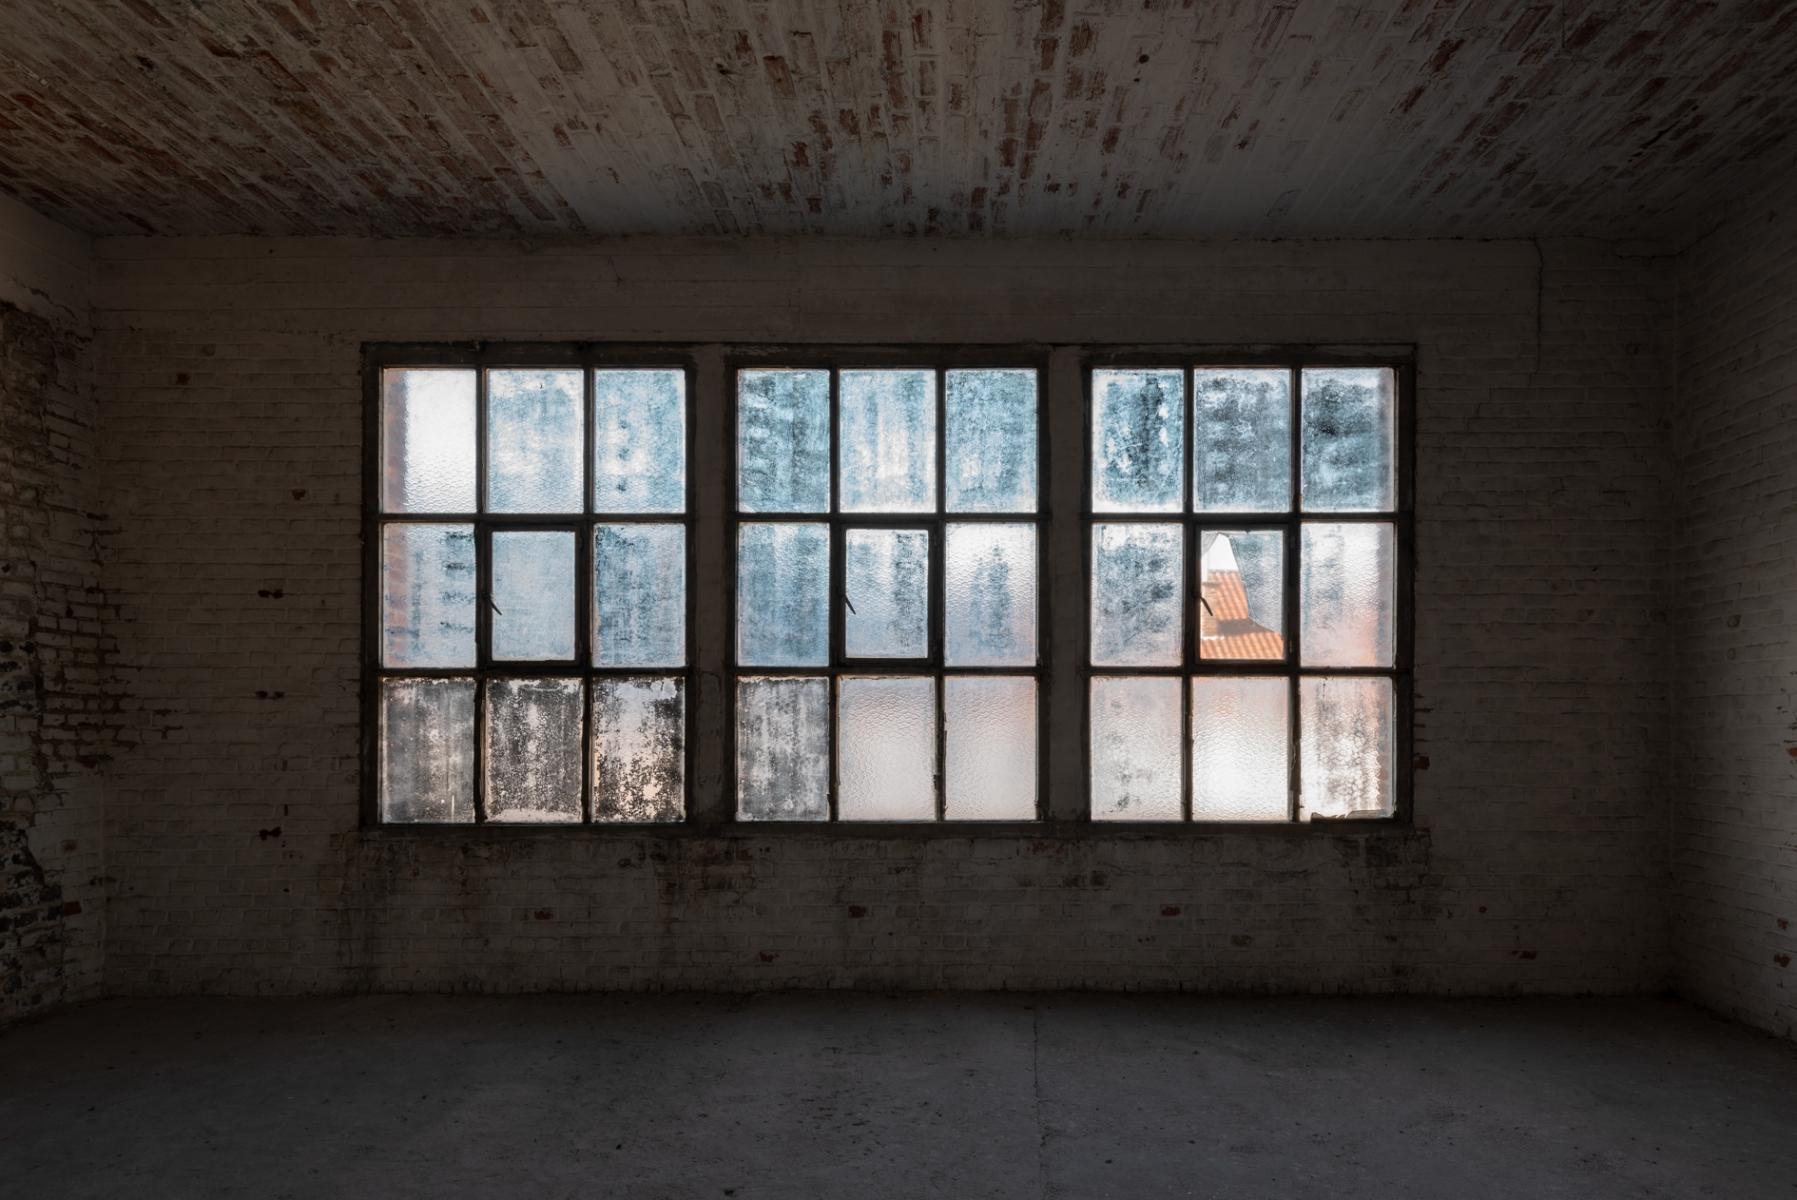 2018, kantfabriek, ninove, vorm en inhoud